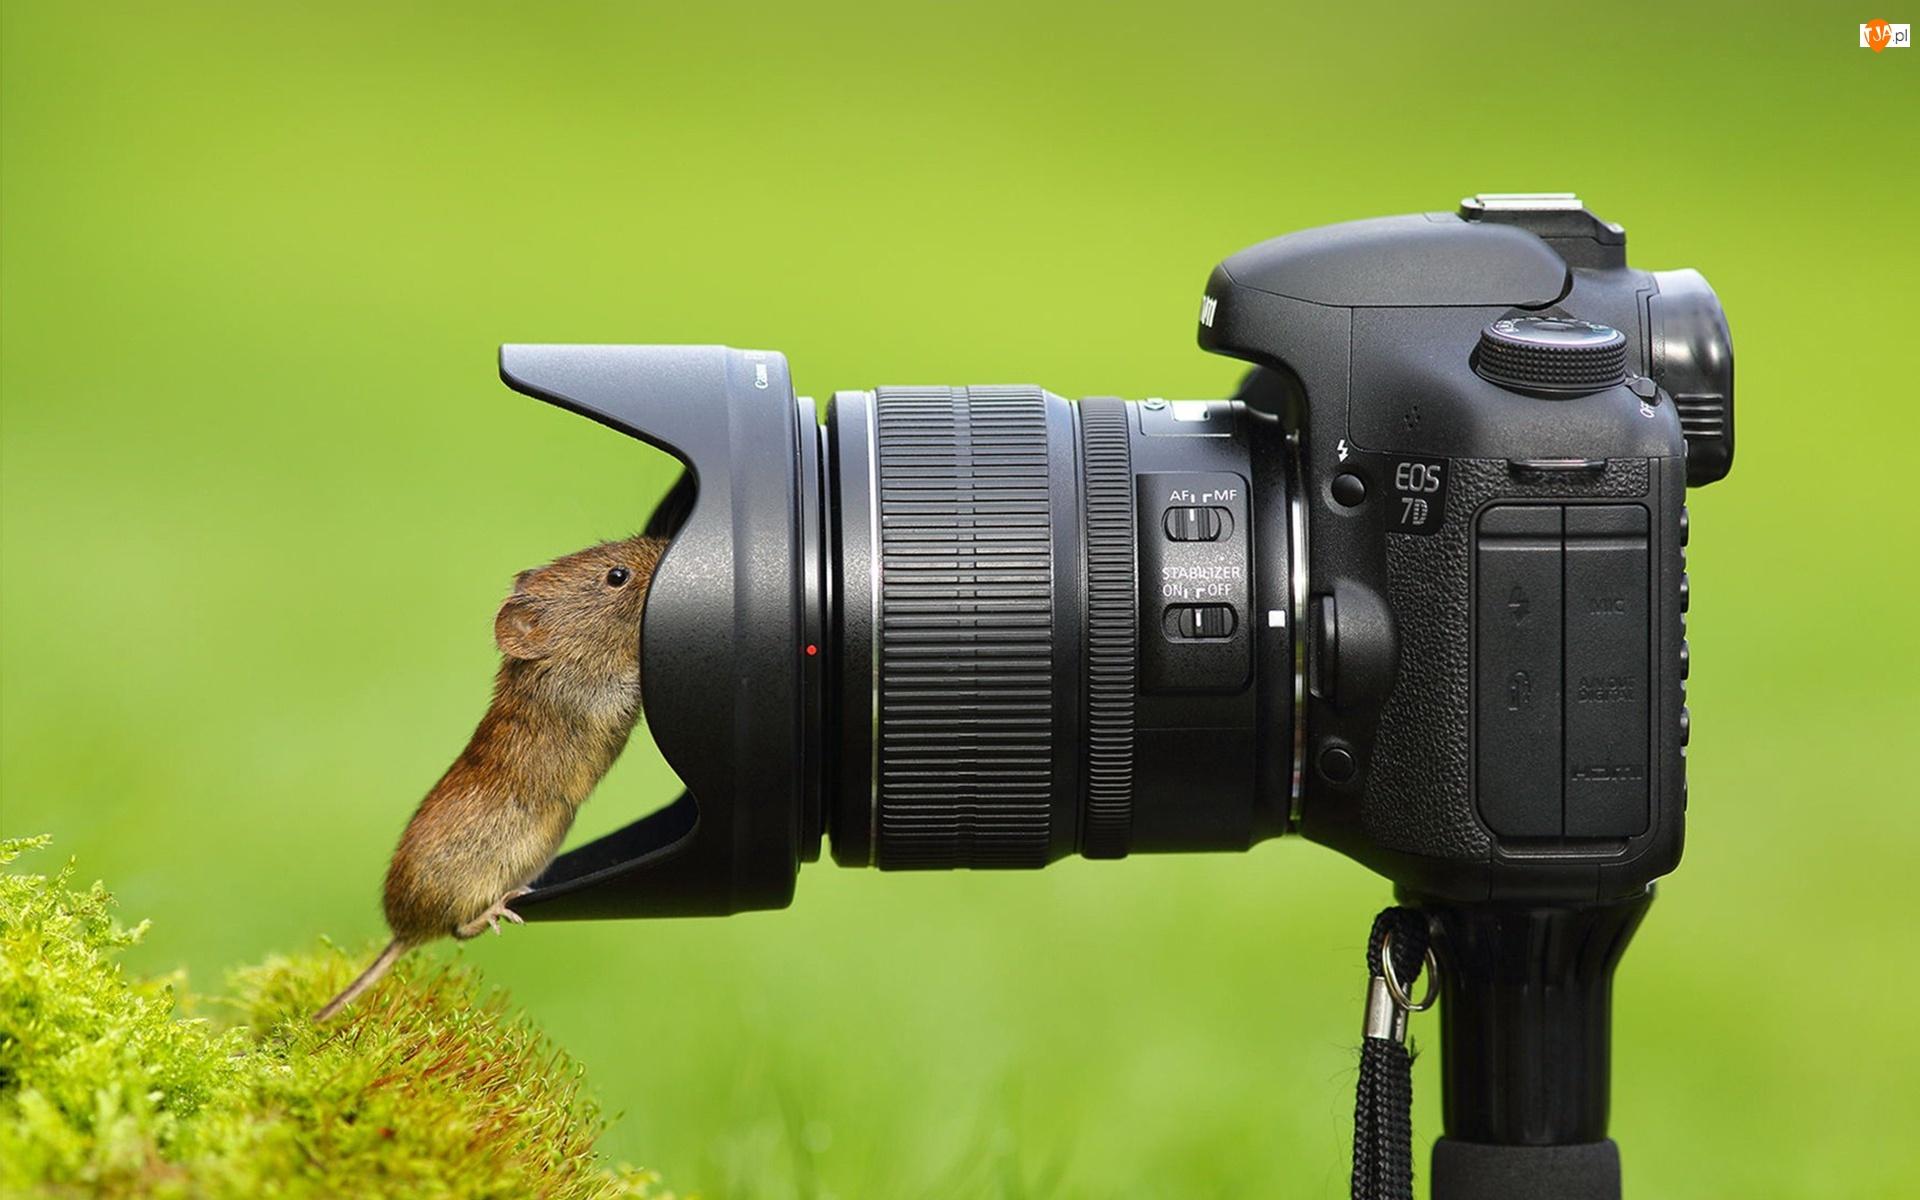 Myszka, Krzew, Aparat, Fotograficzny